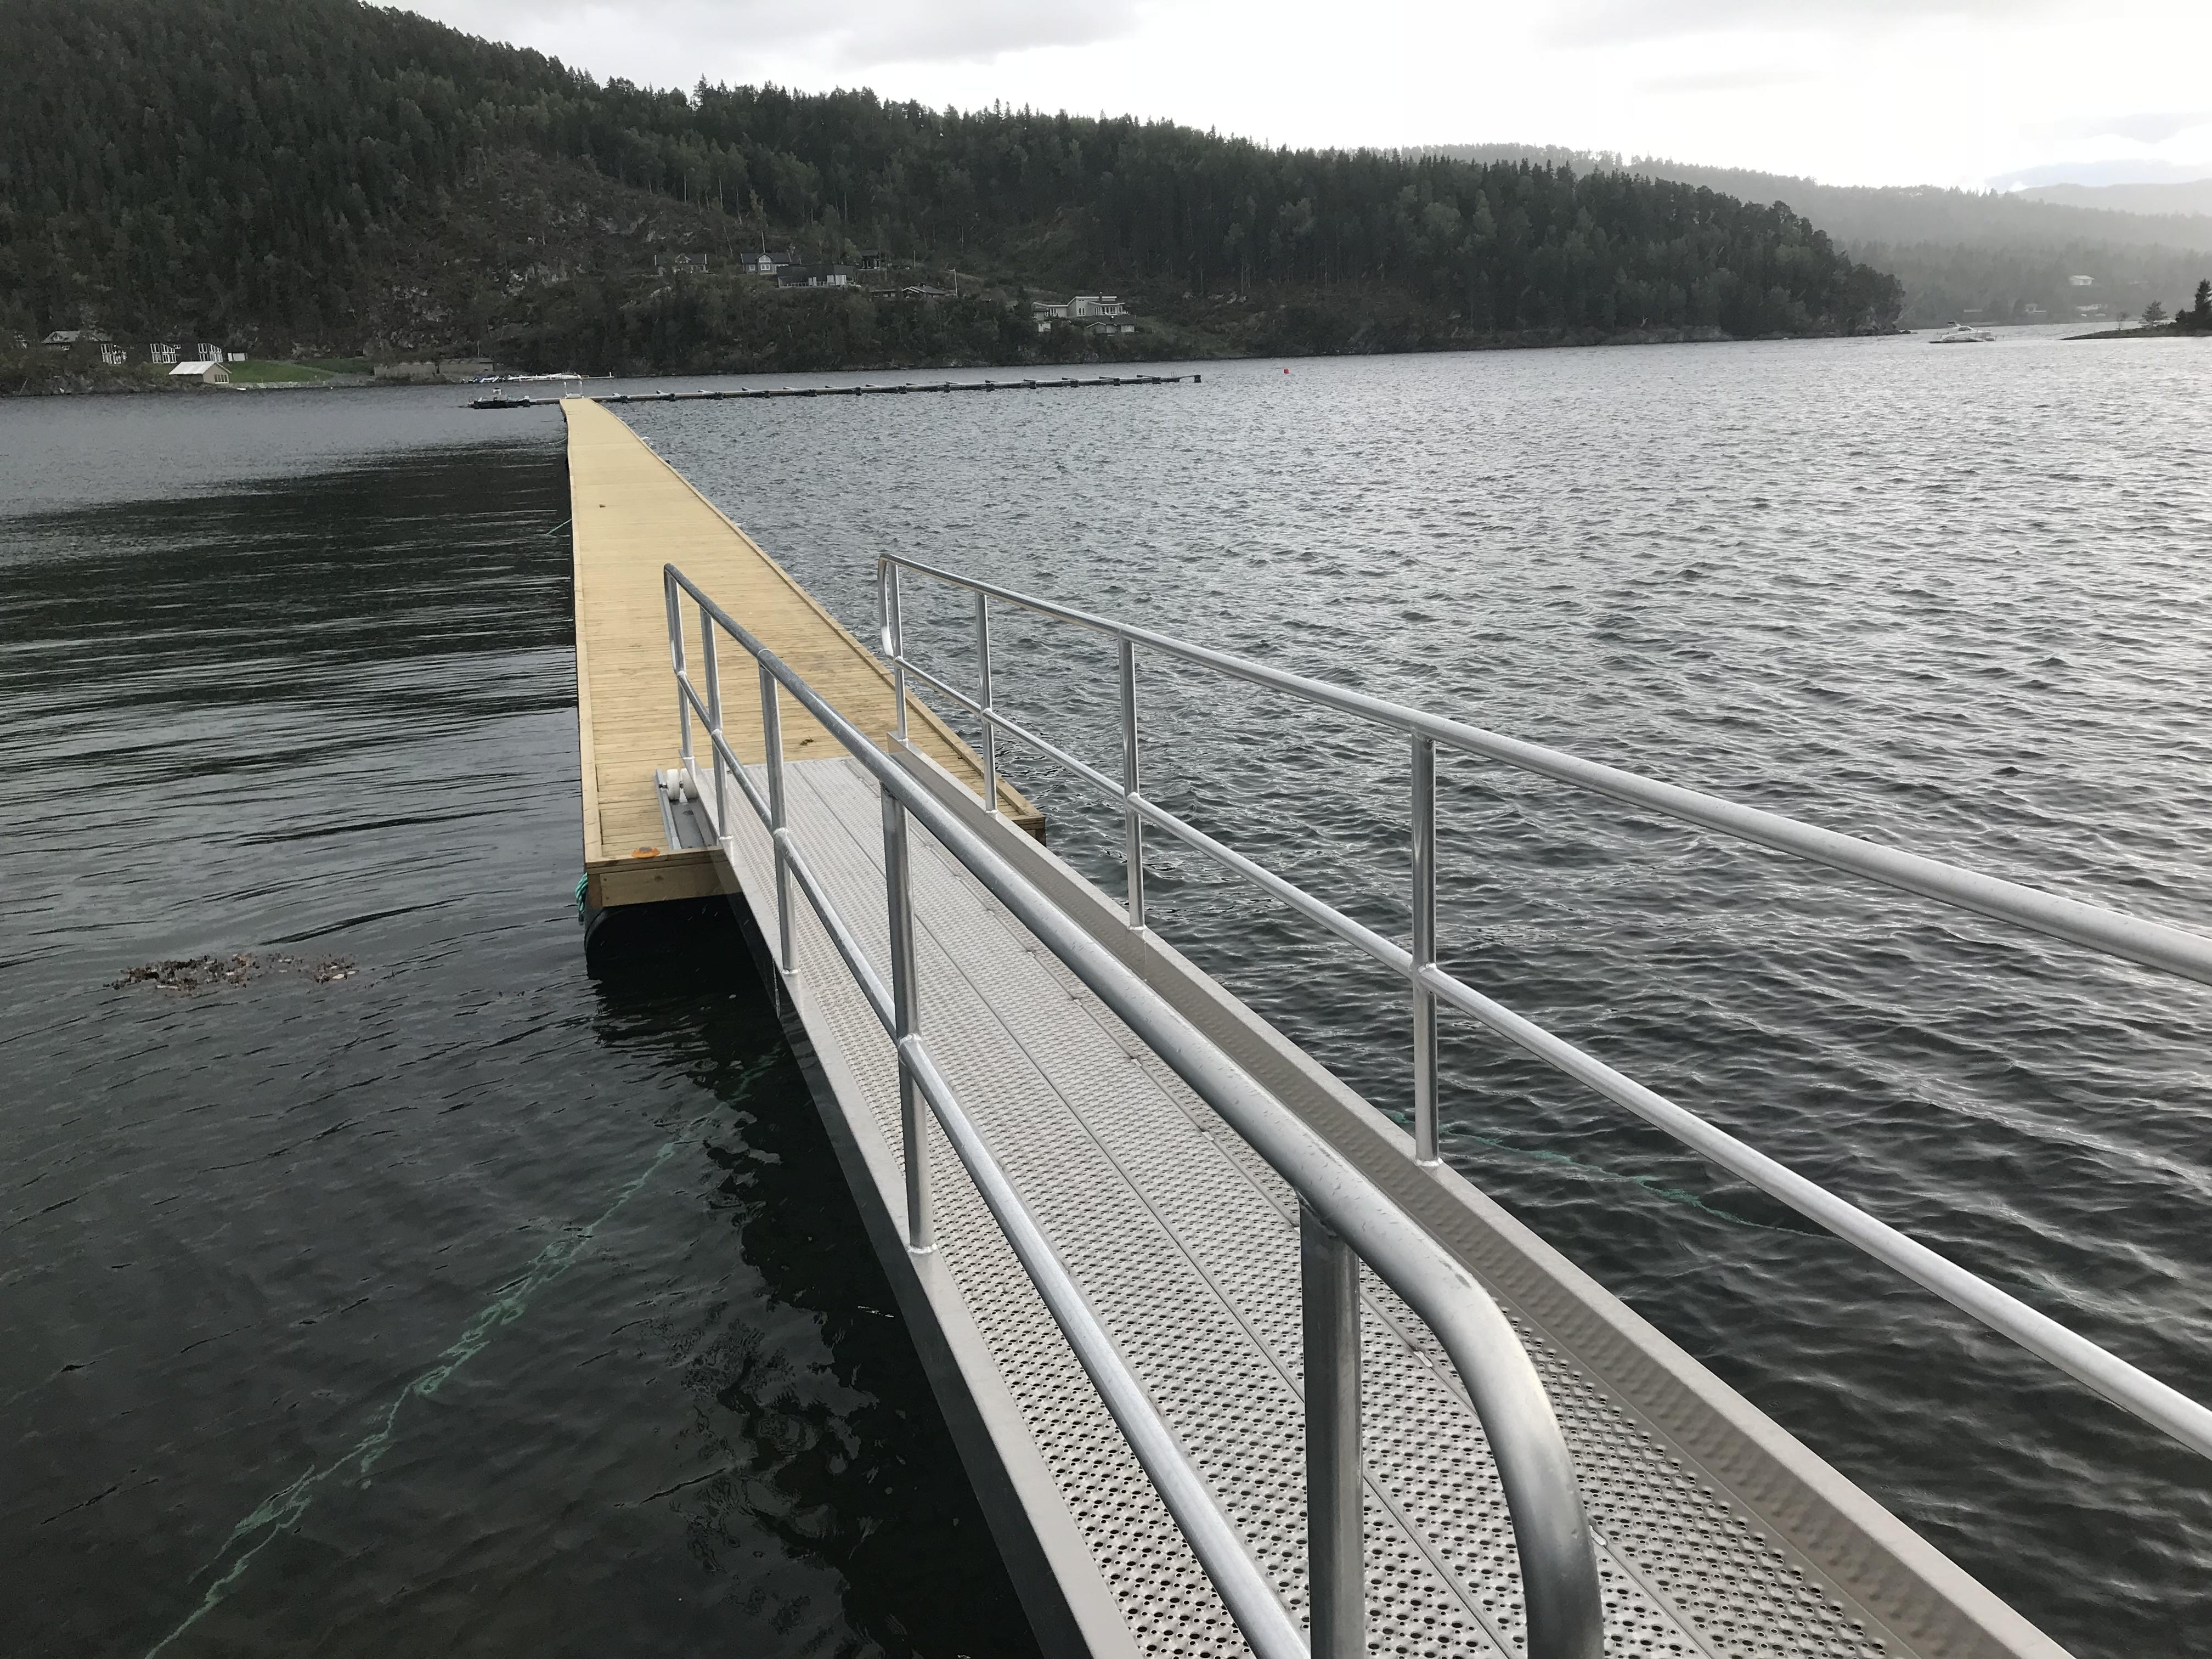 https://marinasolutions.no/uploads/Saltbuvik-Båtforening-Marina-Solutions.jpg